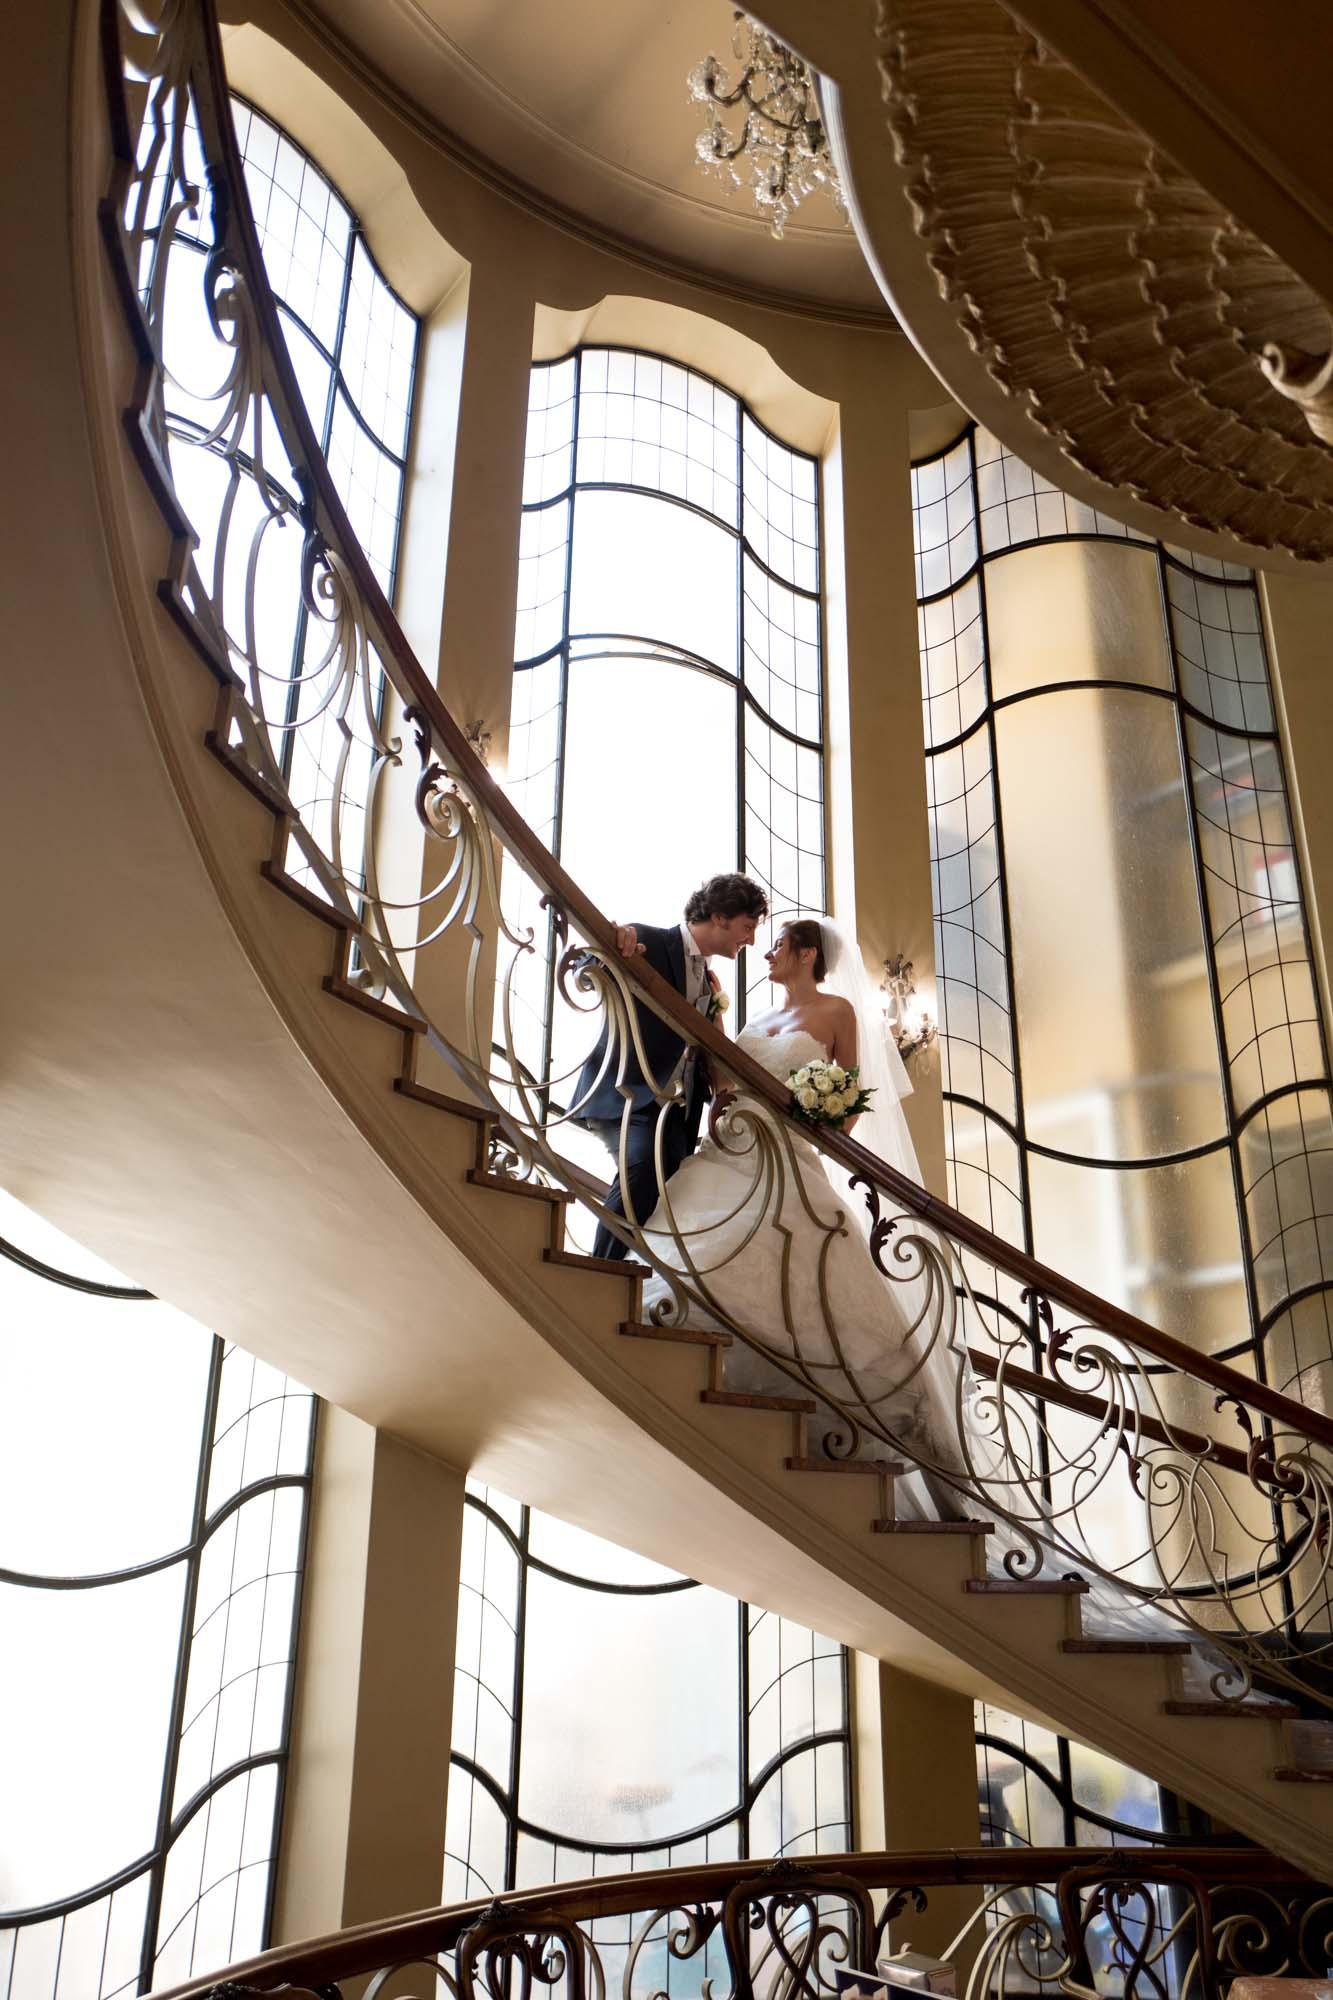 0047_artfoto_torino_fotografomatrimonio_Villa Somis_matrimonio_wedding_L1170925